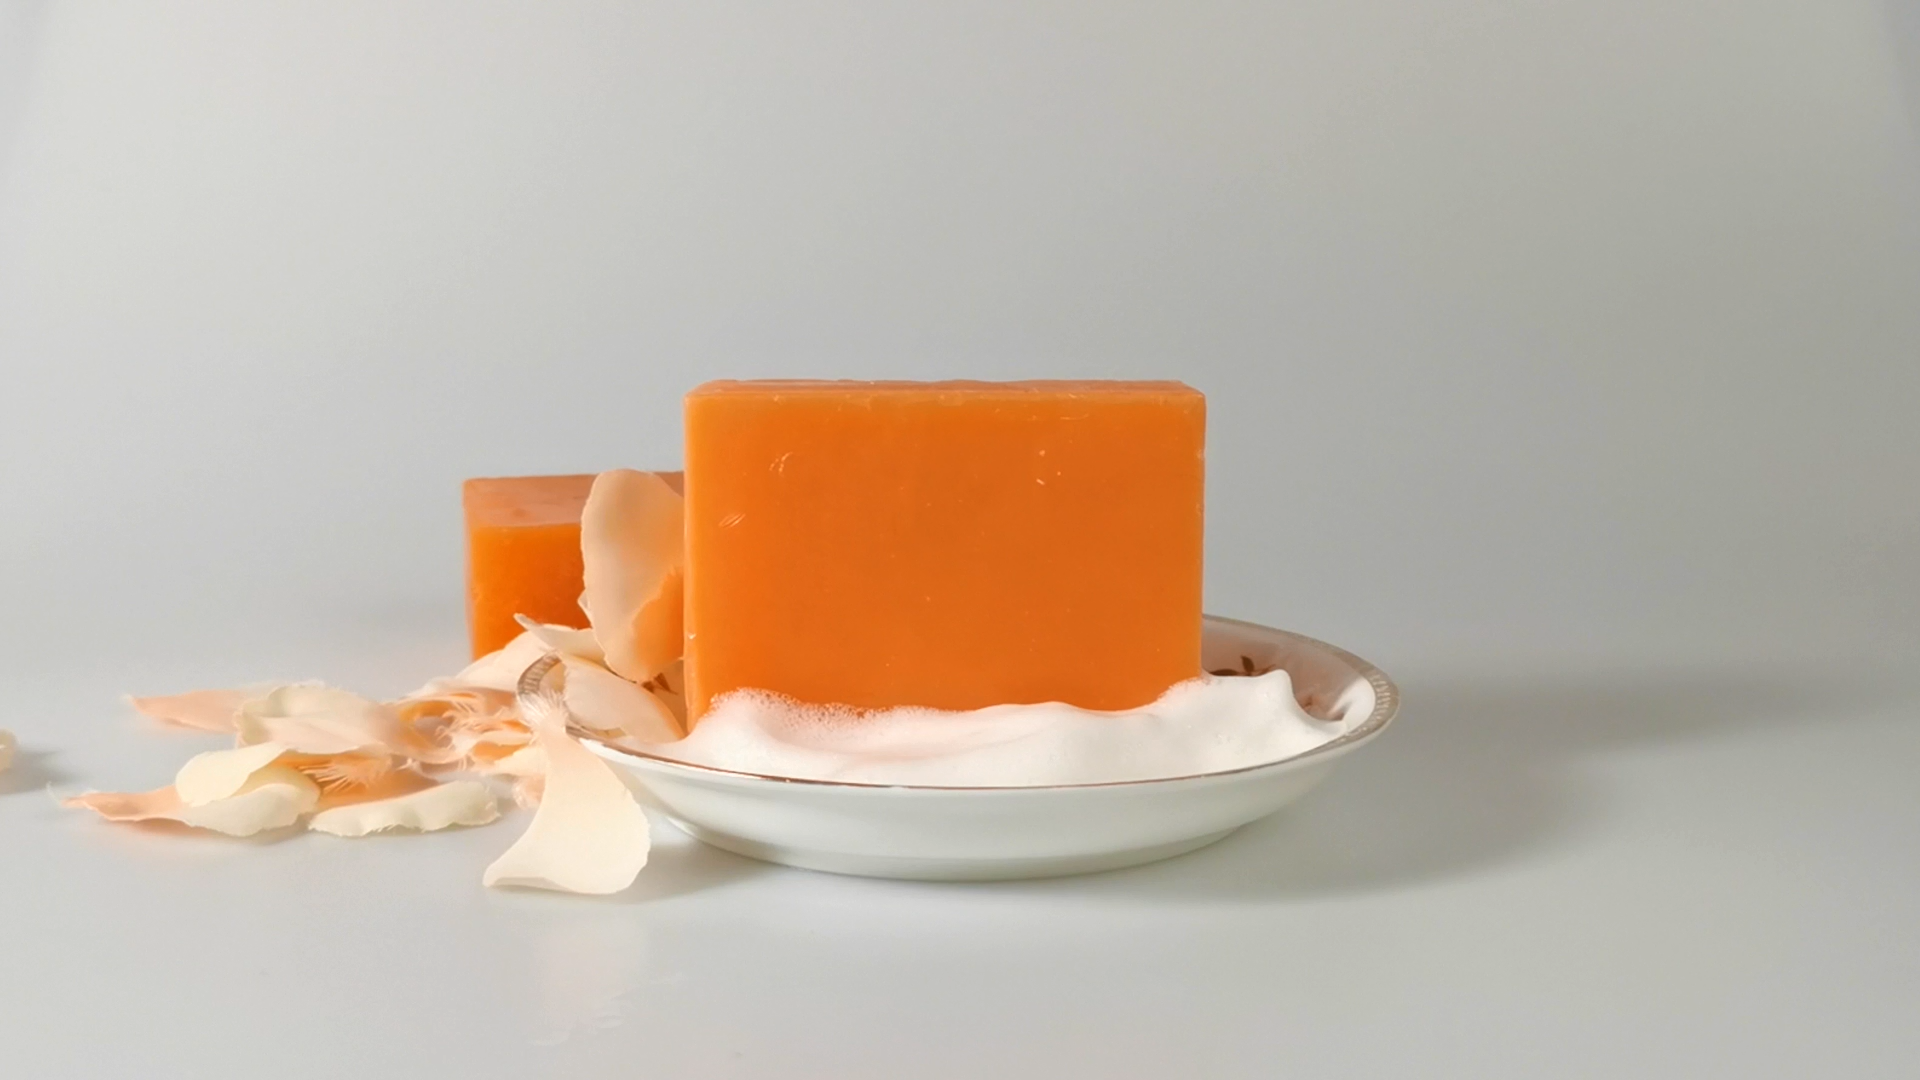 Commercio all'ingrosso Naturale Organico Bagno Corpo Alleggerimento Della Pelle Fatti A Mano Acido Cogico Sbiancamento Sapone